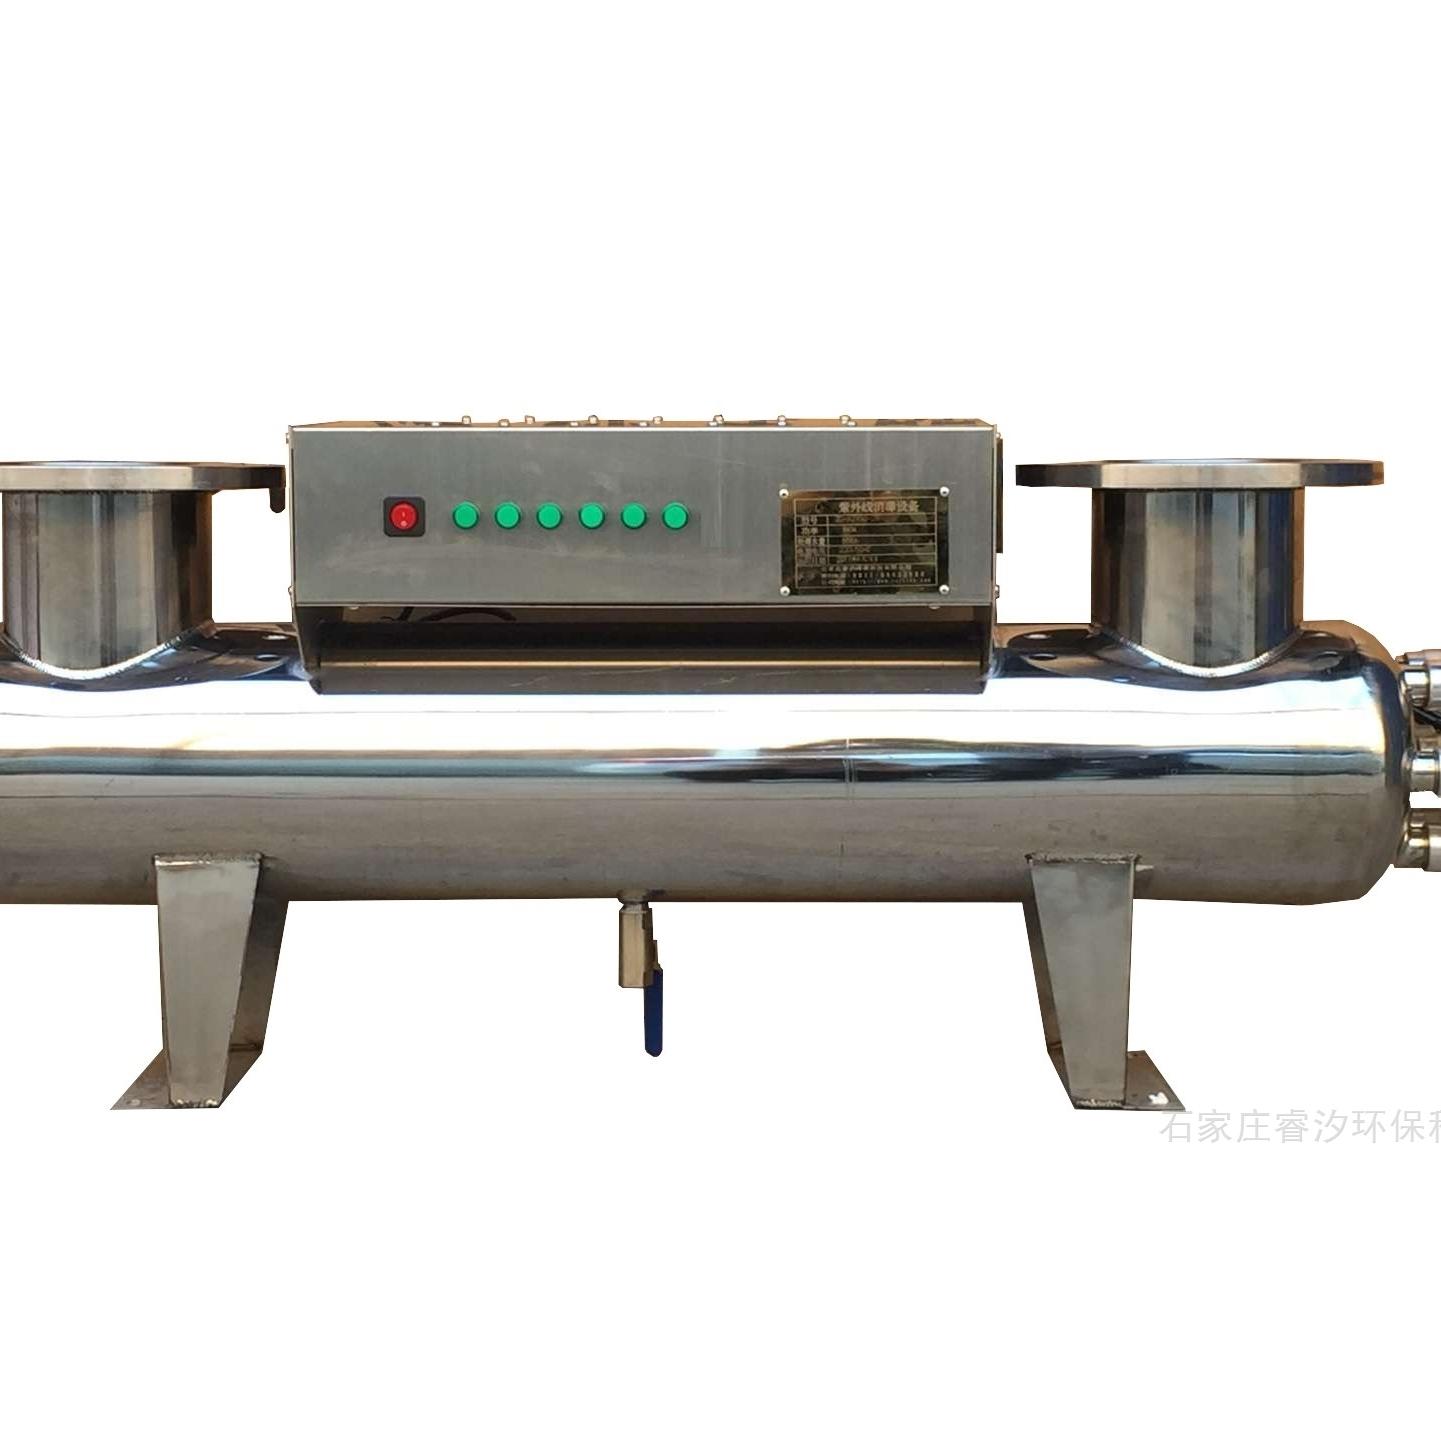 长沙市紫外线消毒设备